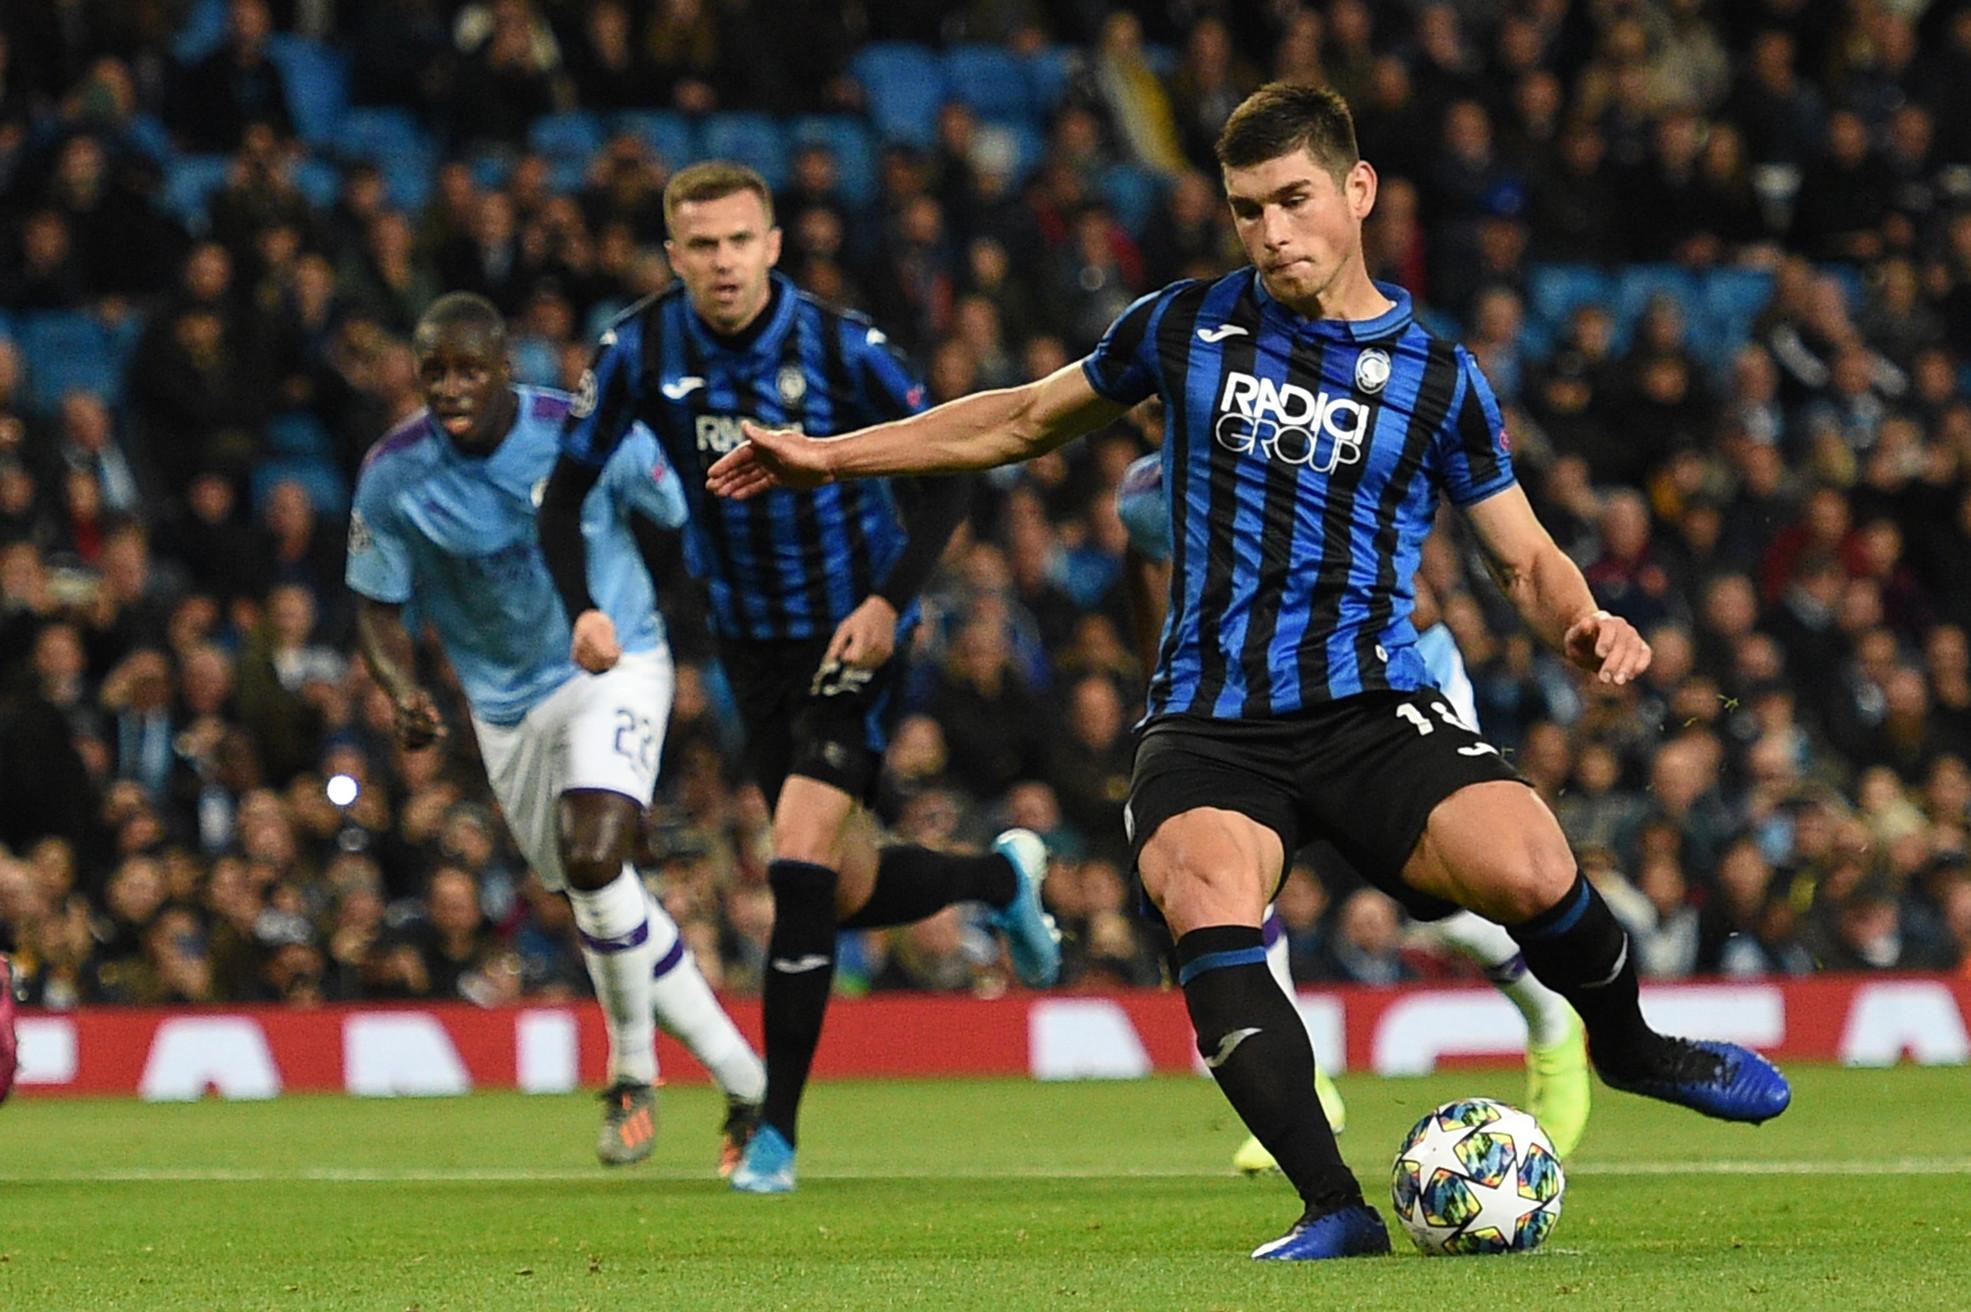 Nella terza giornata della fase a gironi di Champions League, l'Atalanta perde 5-1 contro il Manchester City e ora gli ottavi sono davvero un mira...